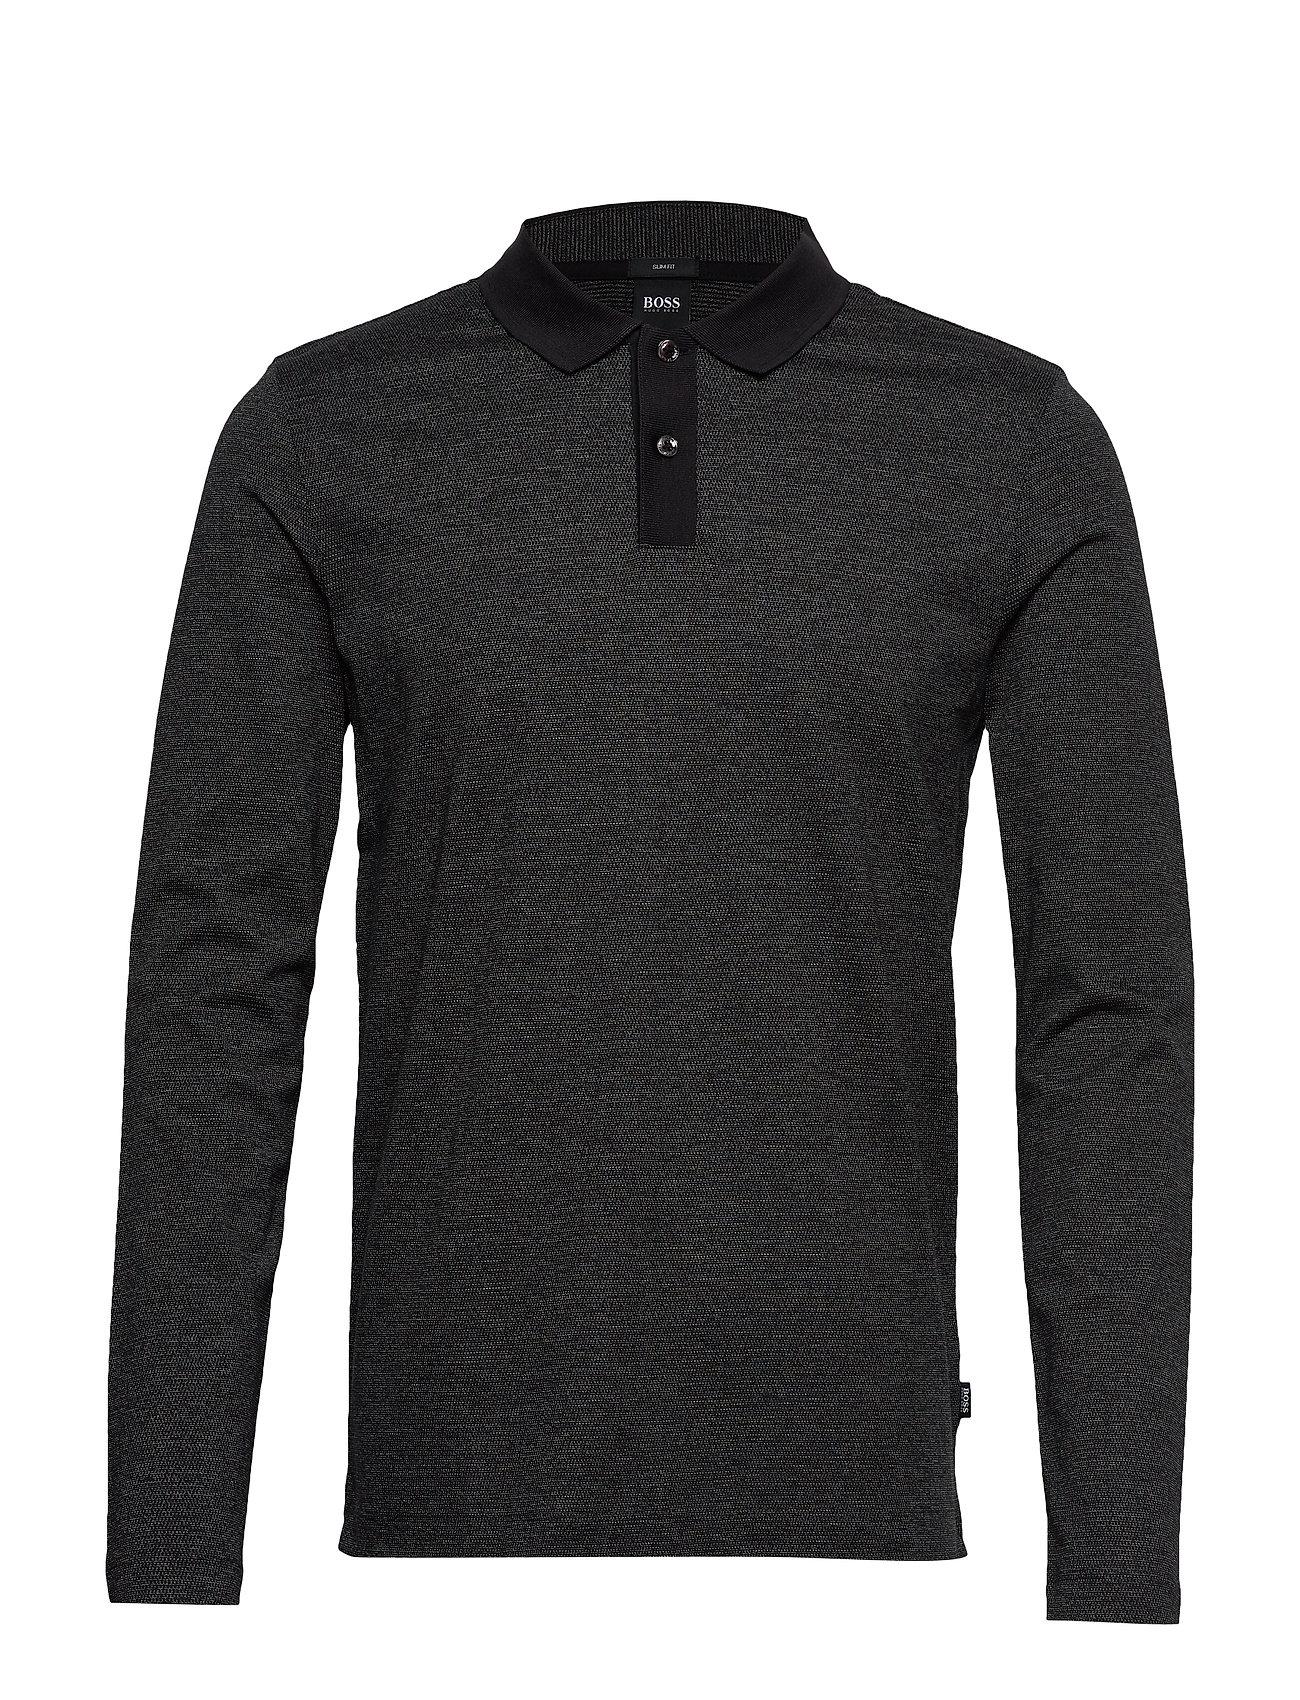 BOSS Business Wear Paschal 05 - BLACK